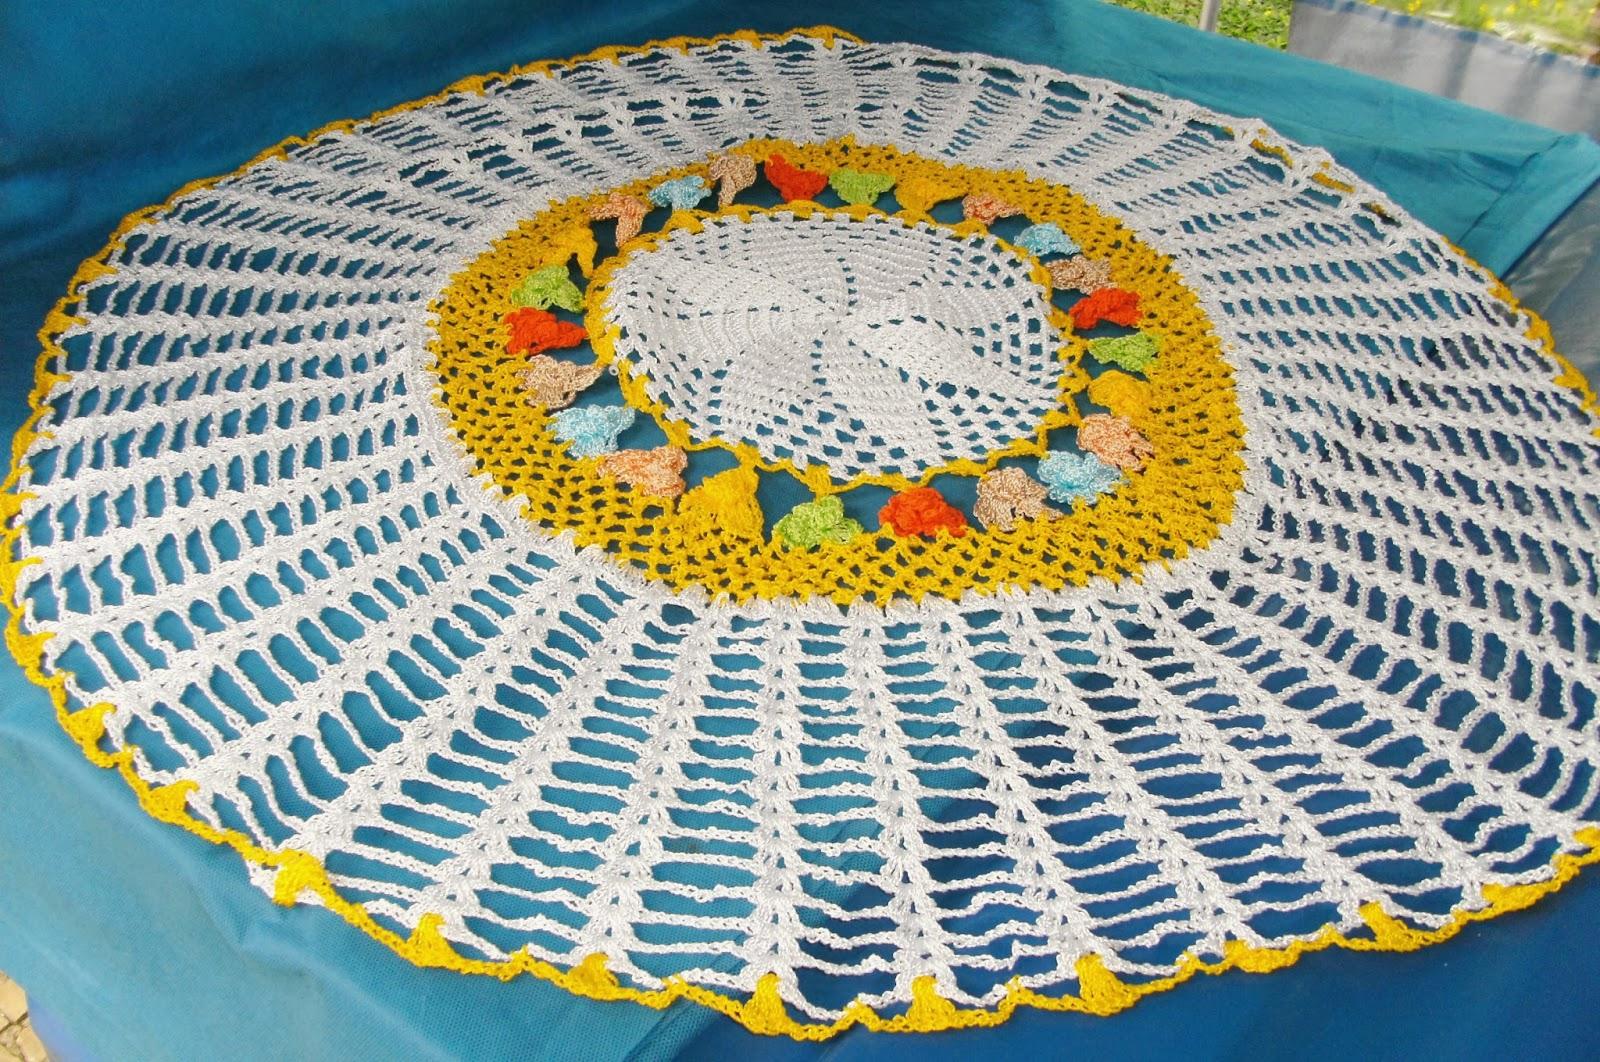 Armario Ropero Sinonimos ~ feira de artesanato em Sorocaba CROCH u00ca TRIC u00d4 FAIXAS E TIARAS PARA CABELO